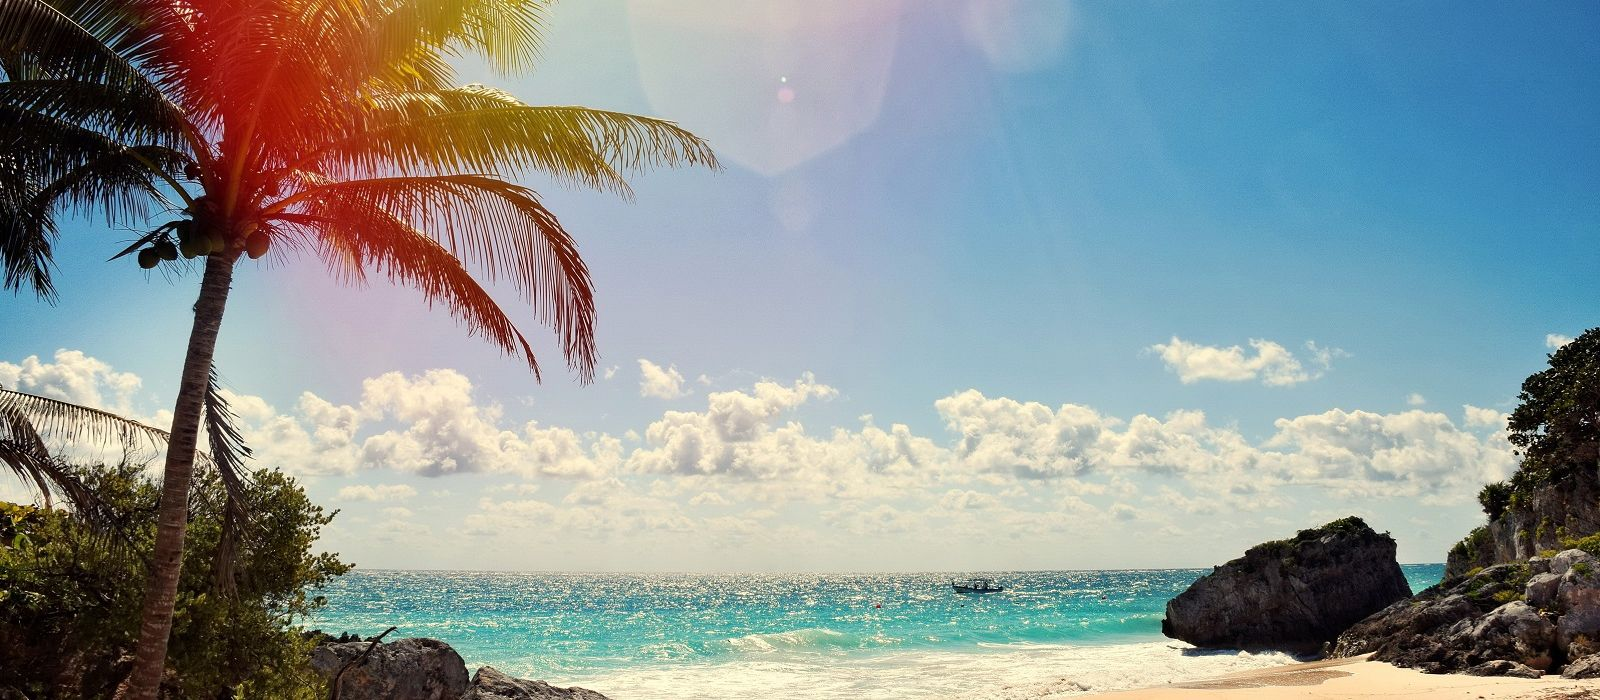 Yucatán entdecken: Ruinen & Natur Urlaub 1